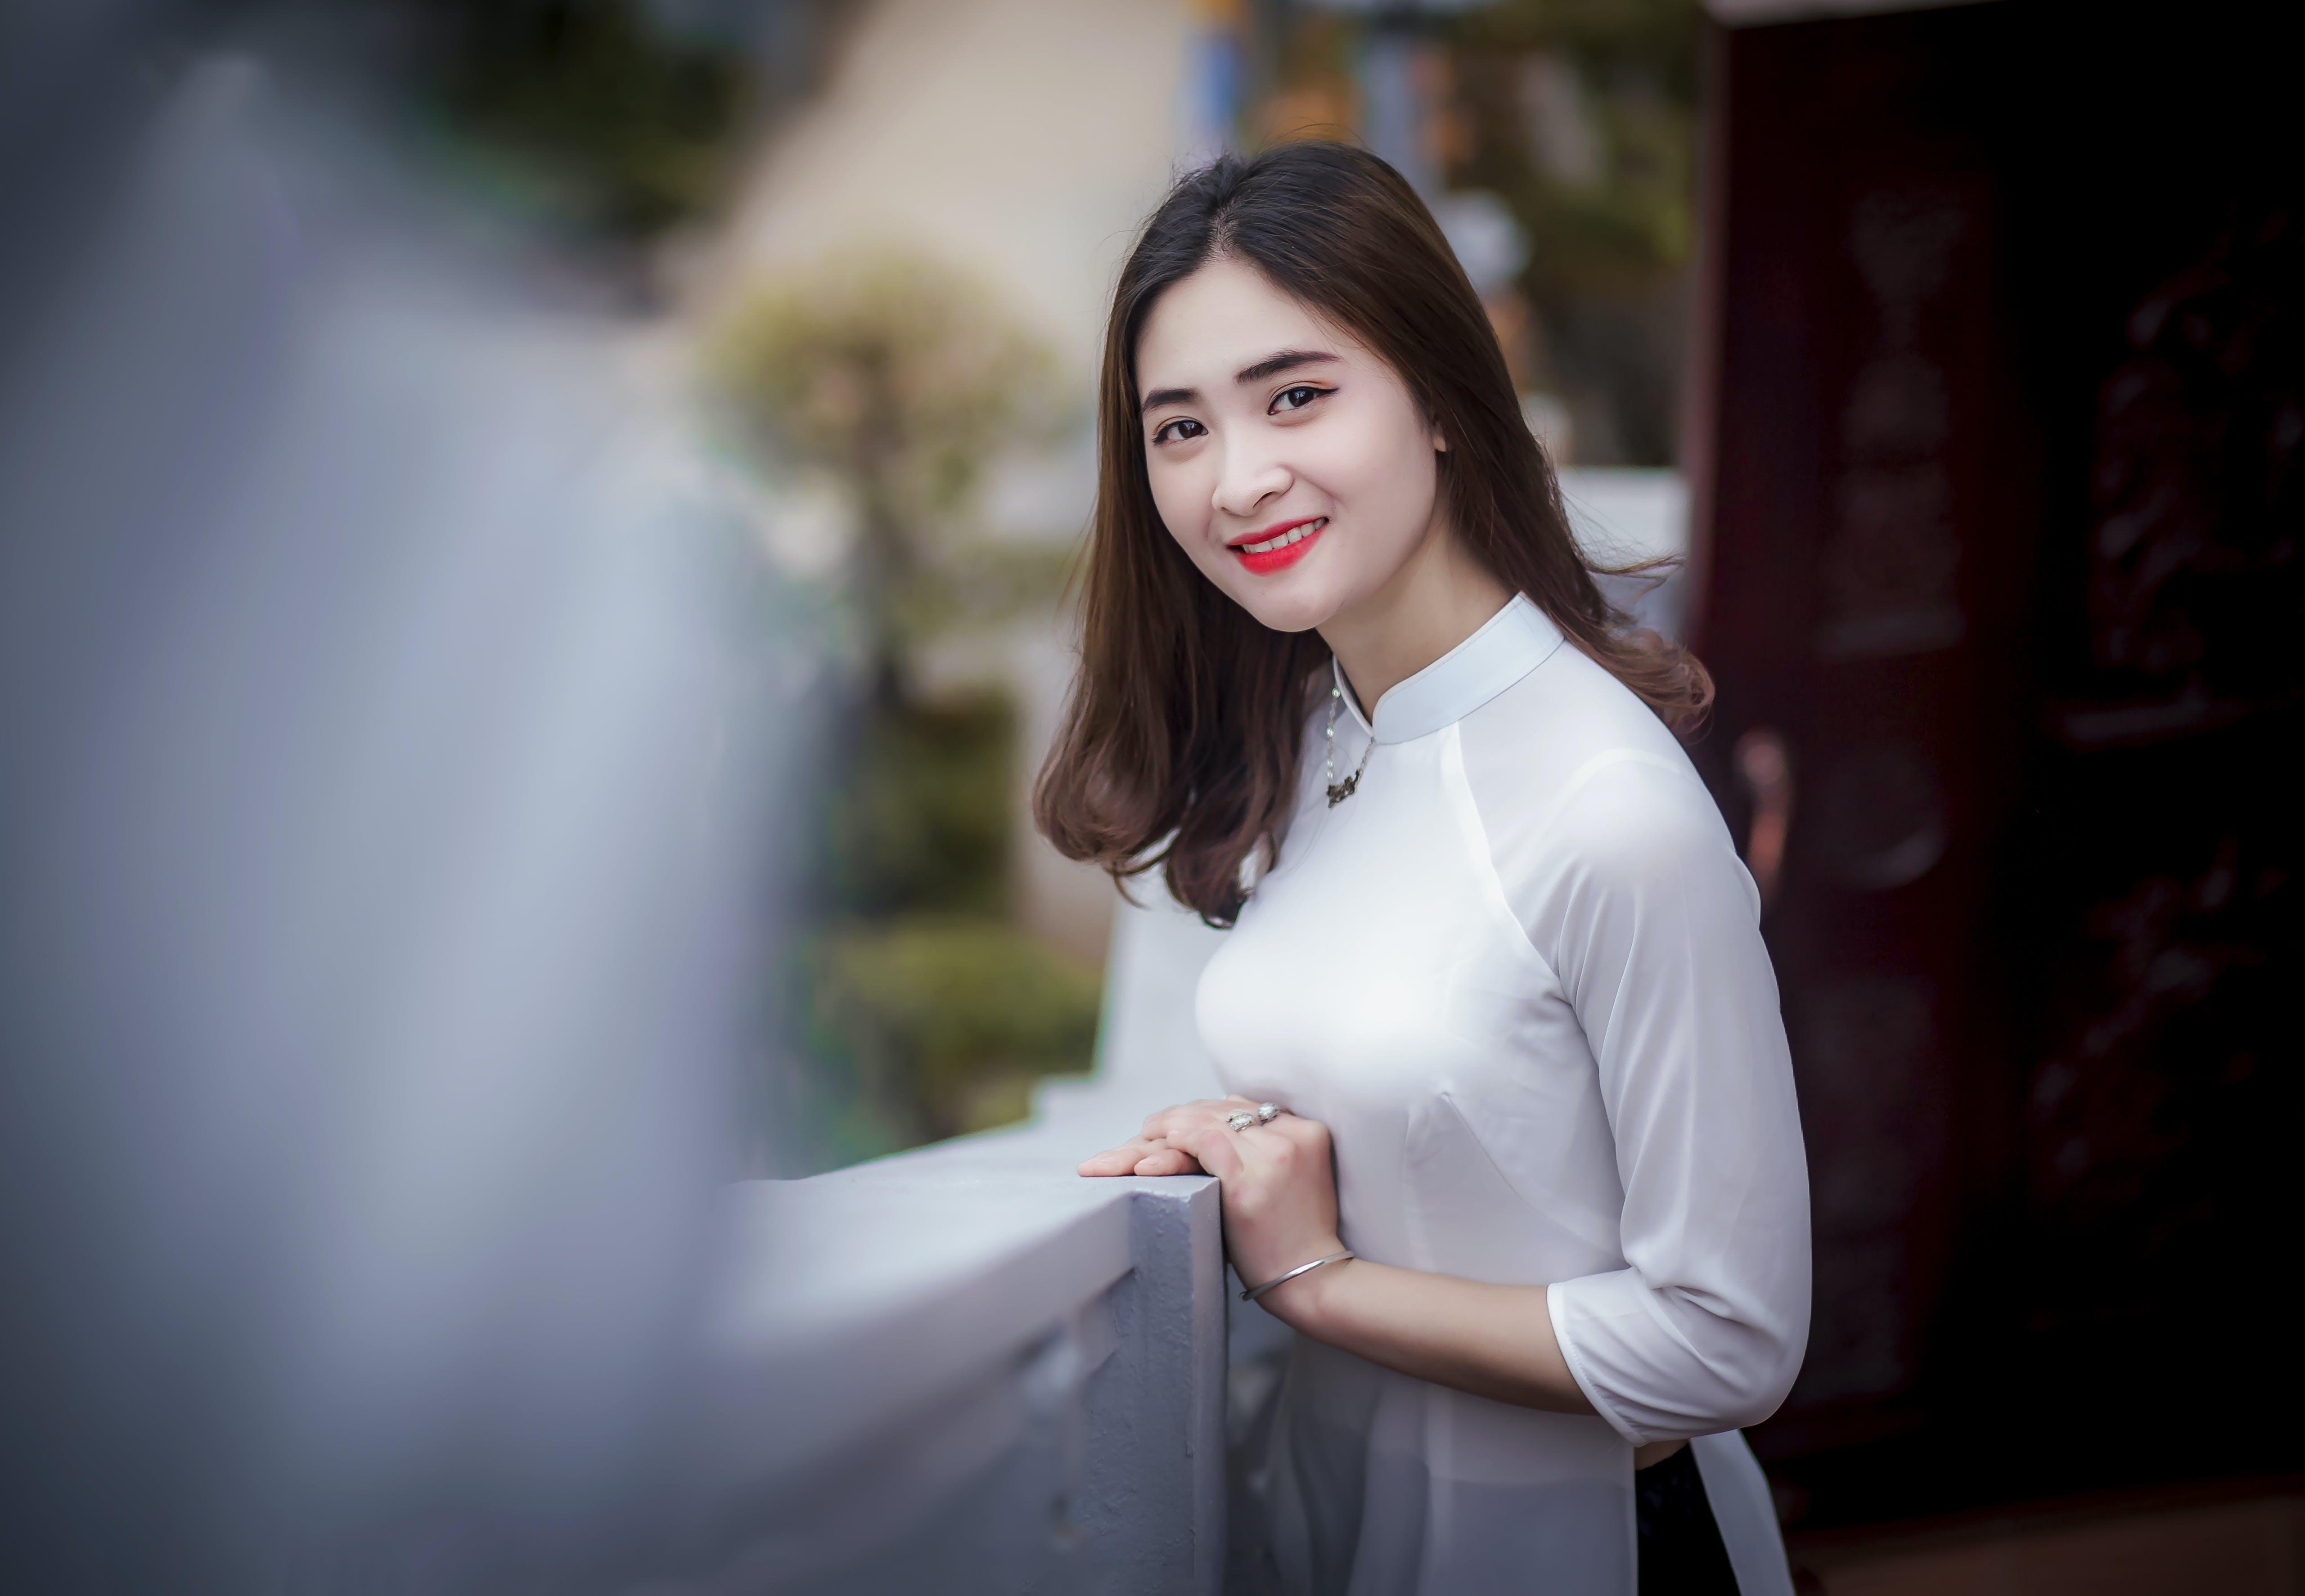 Δωρεάν στοκ φωτογραφιών με ασιατικό κορίτσι, βλέπω, γλυκούλι, γυναίκα